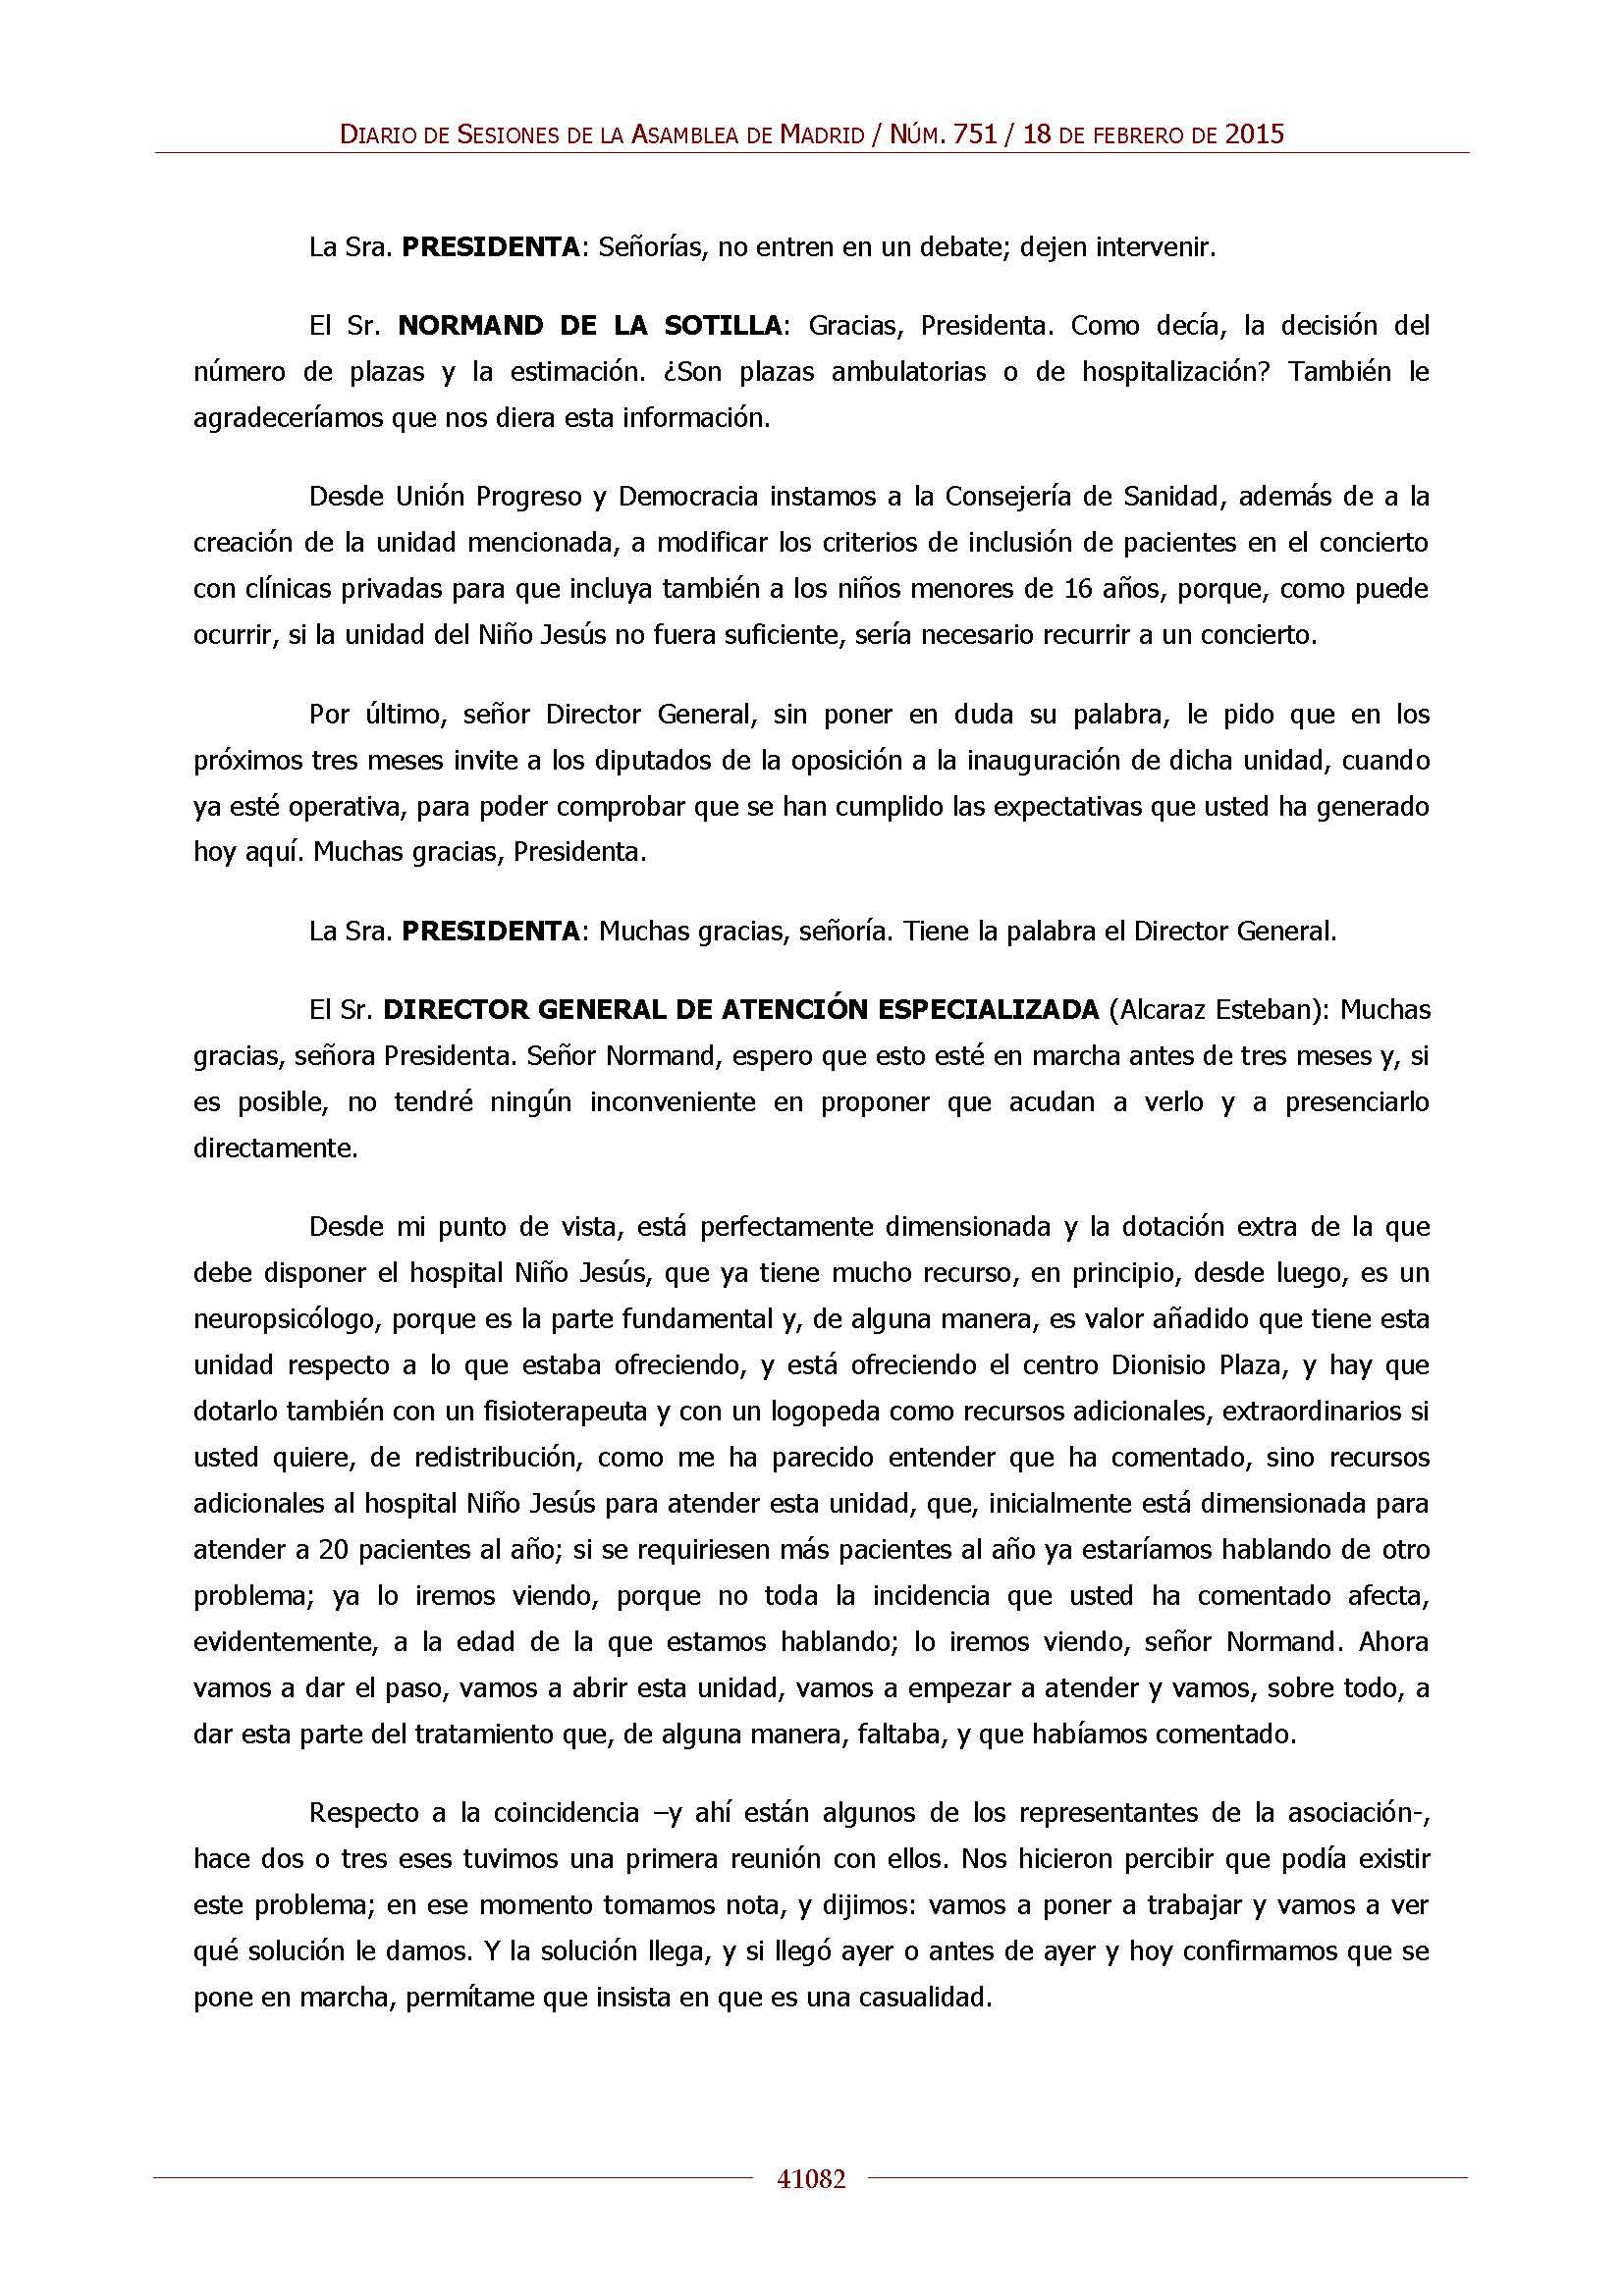 Diario Sesiones pregunta E Normand y respuesta IX-DS-751_Página_22